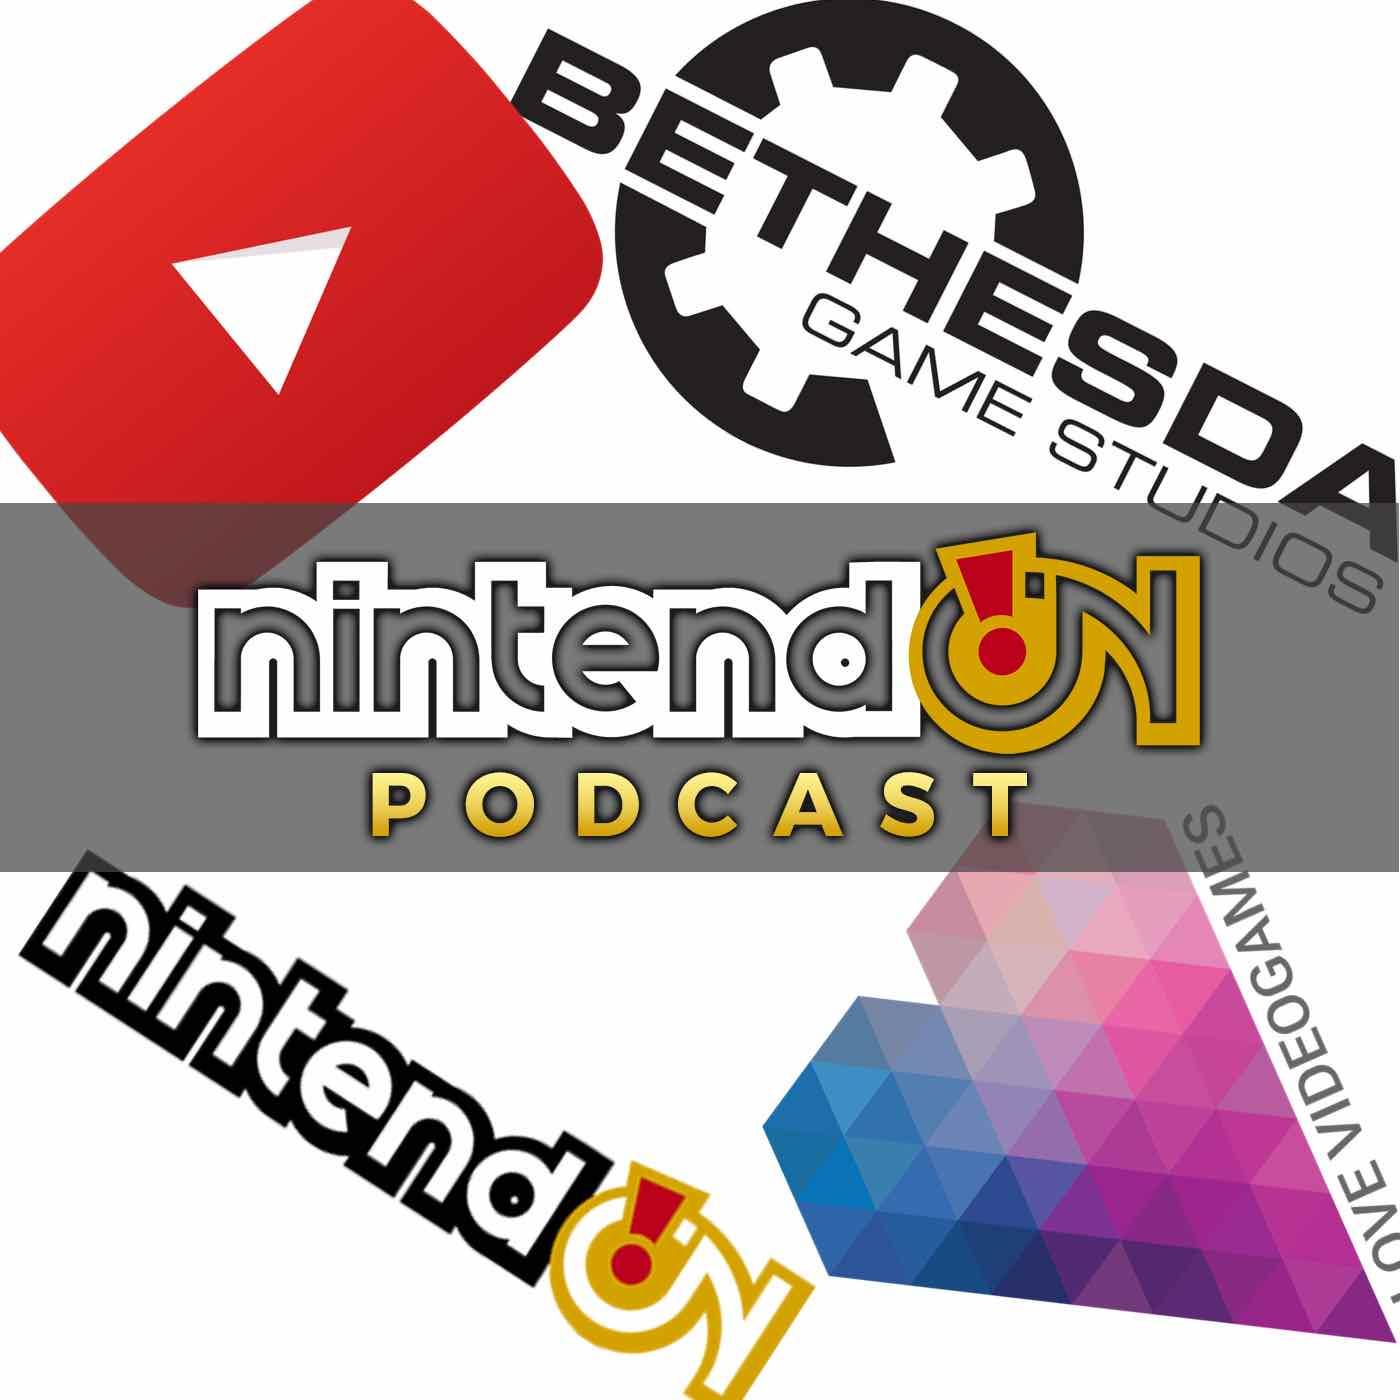 informazione podcast nintendon